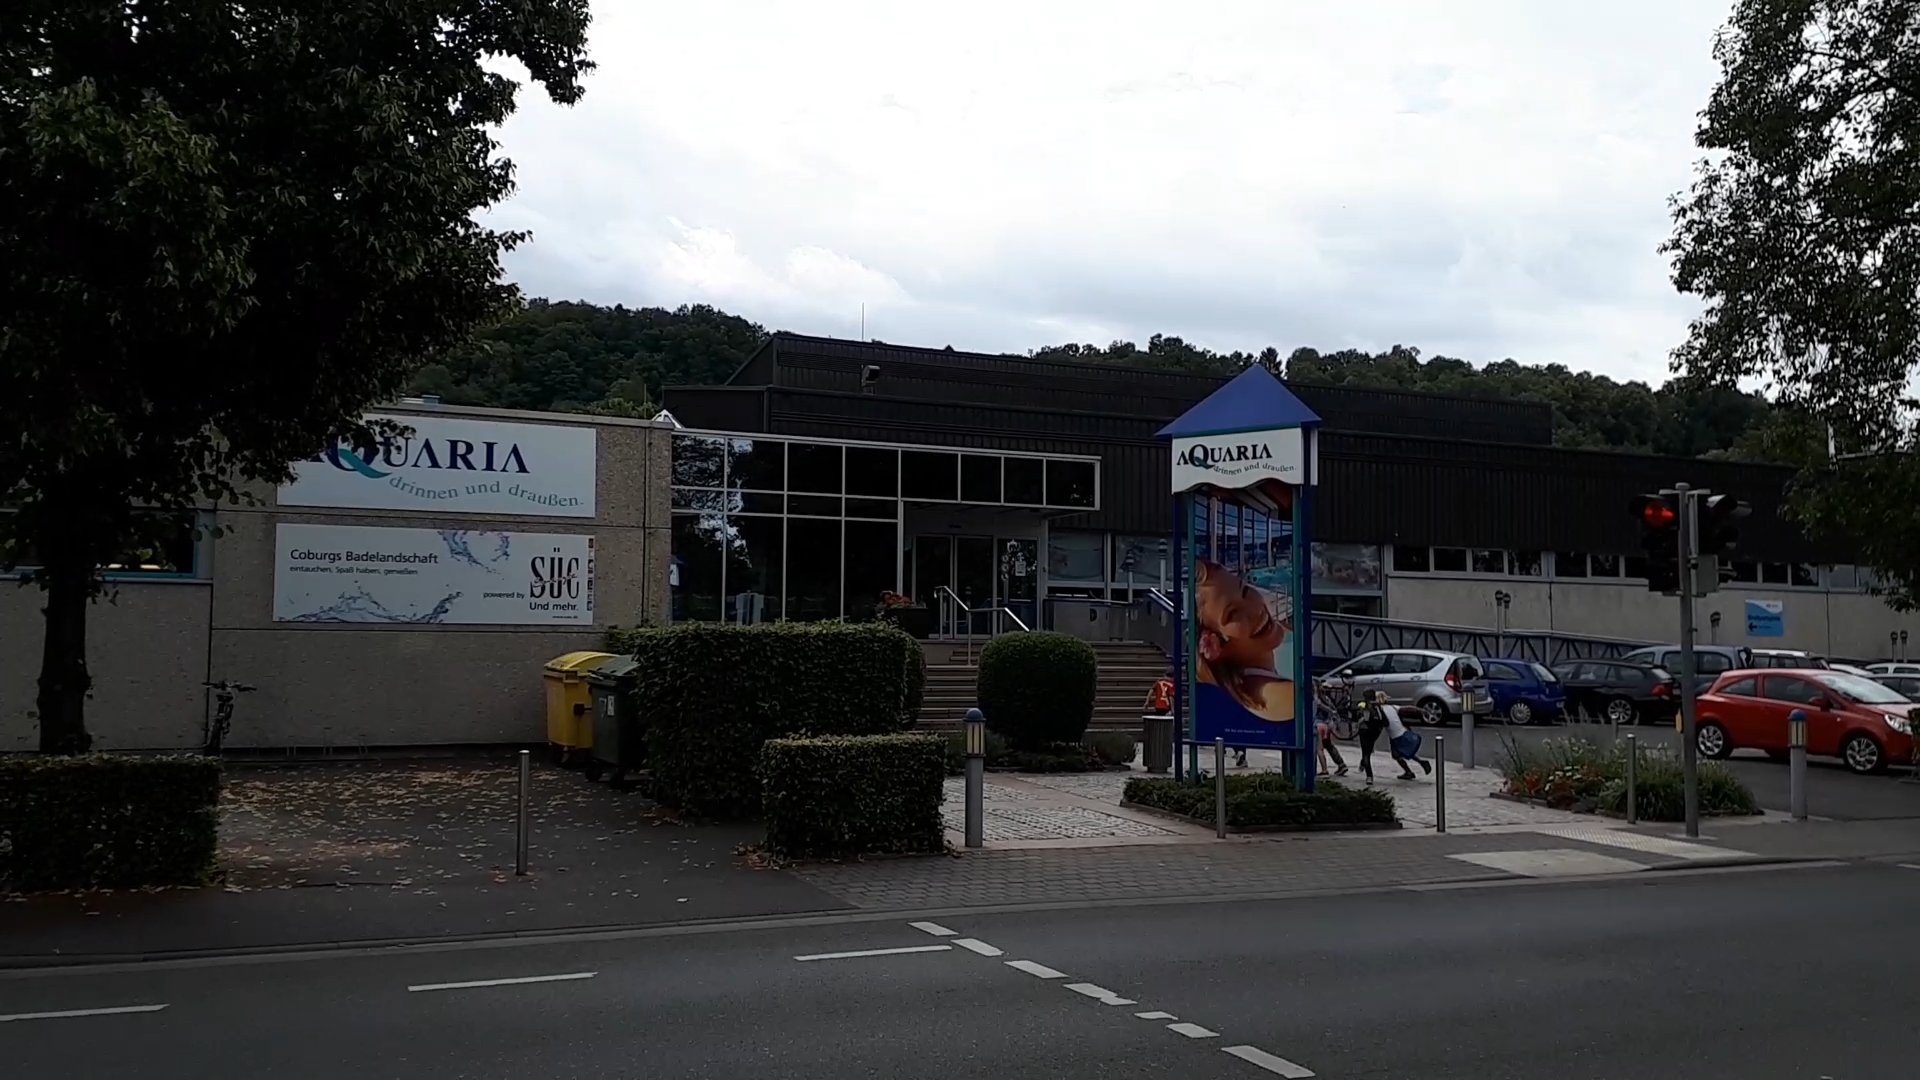 Frei- und Hallenbad Aqquaria, direkt neben dem Stellplatz